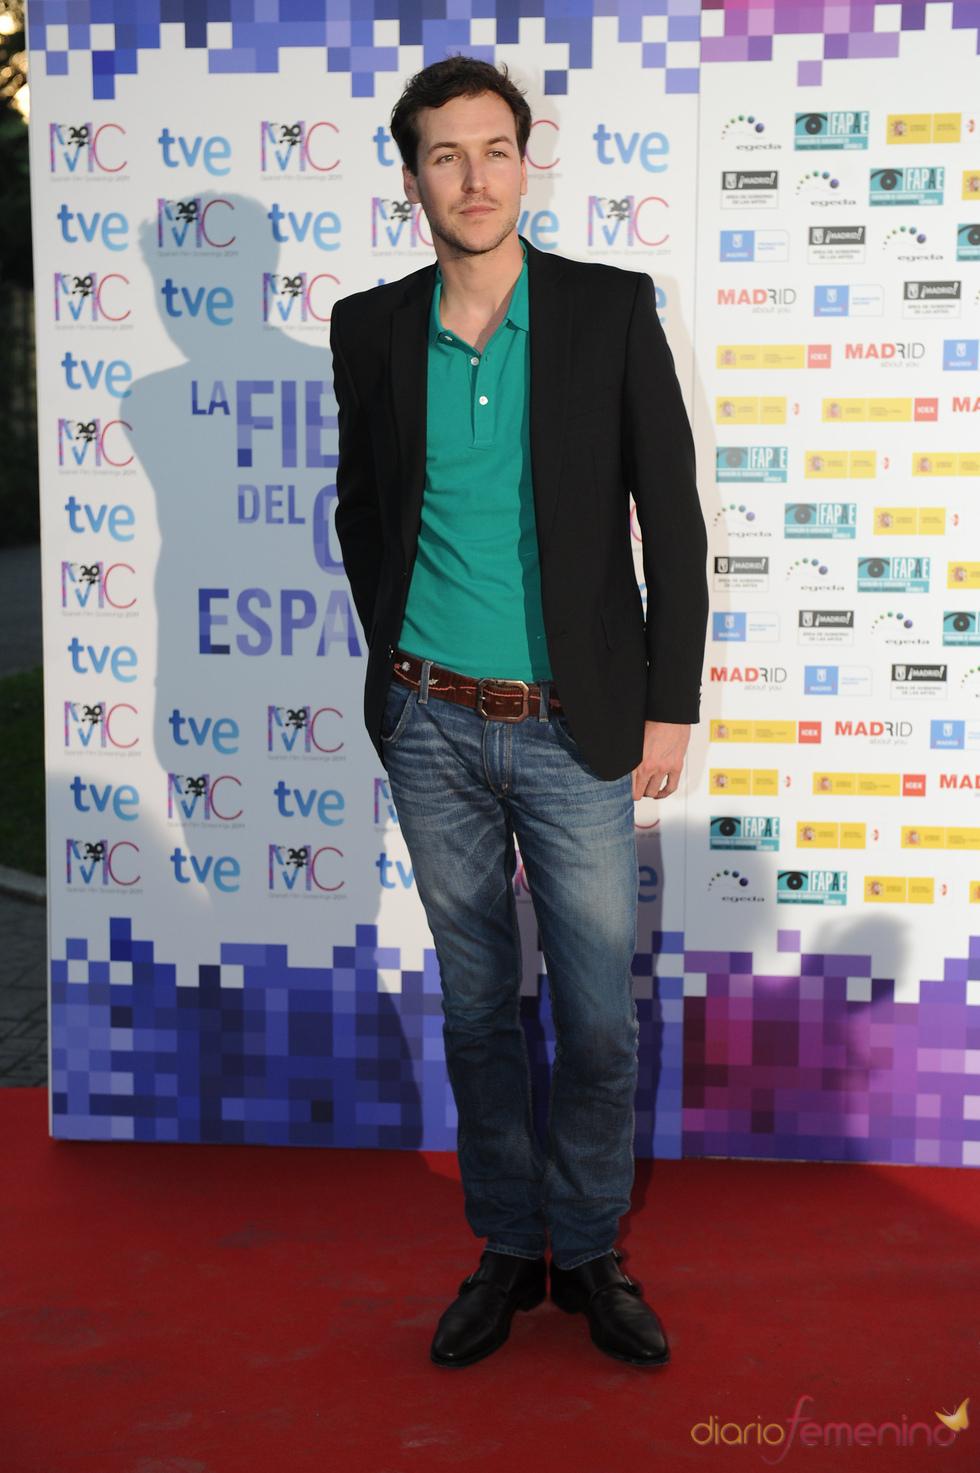 Jorge Suquet en la Fiesta del Cine español